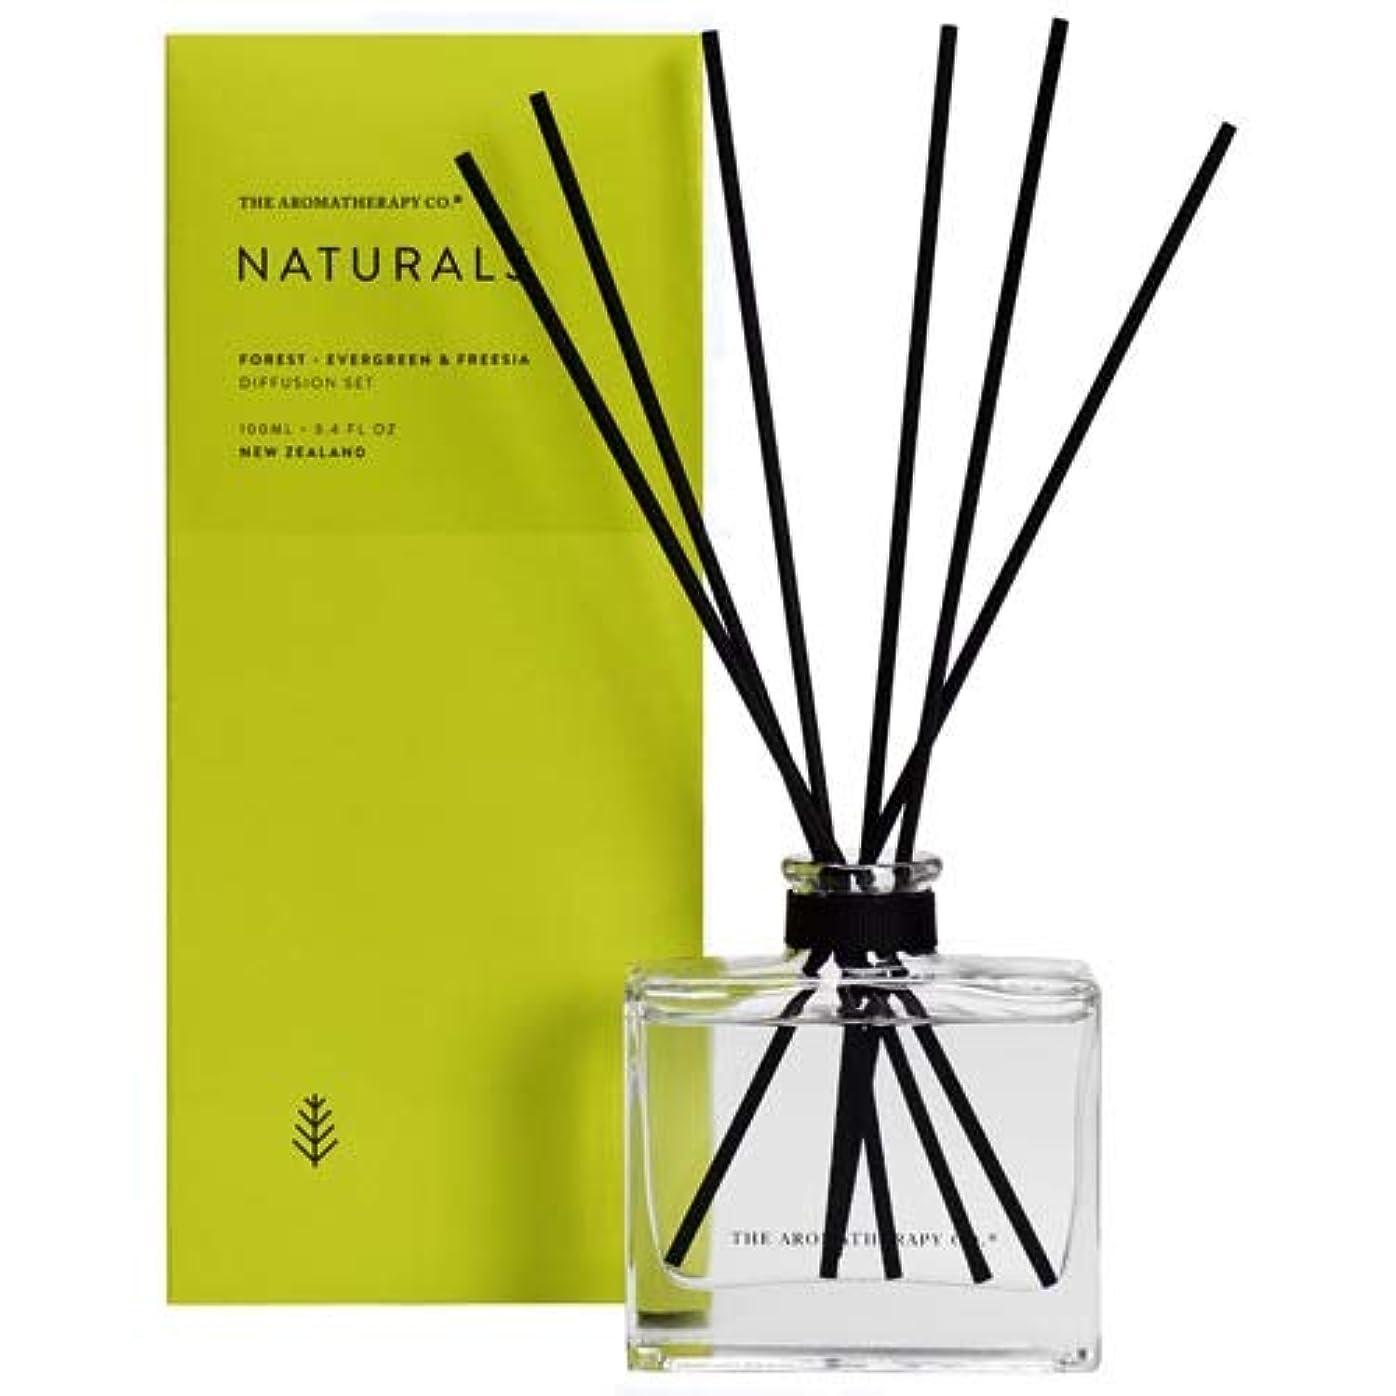 深めるスペルサンプルアロマセラピーカンパニー(Aromatherapy Company) new NATURALS ナチュラルズ Diffusion Stick ディフュージョンスティック Forest フォレスト(森林) Evergreen & Freesia エバーグリーン&フリージア